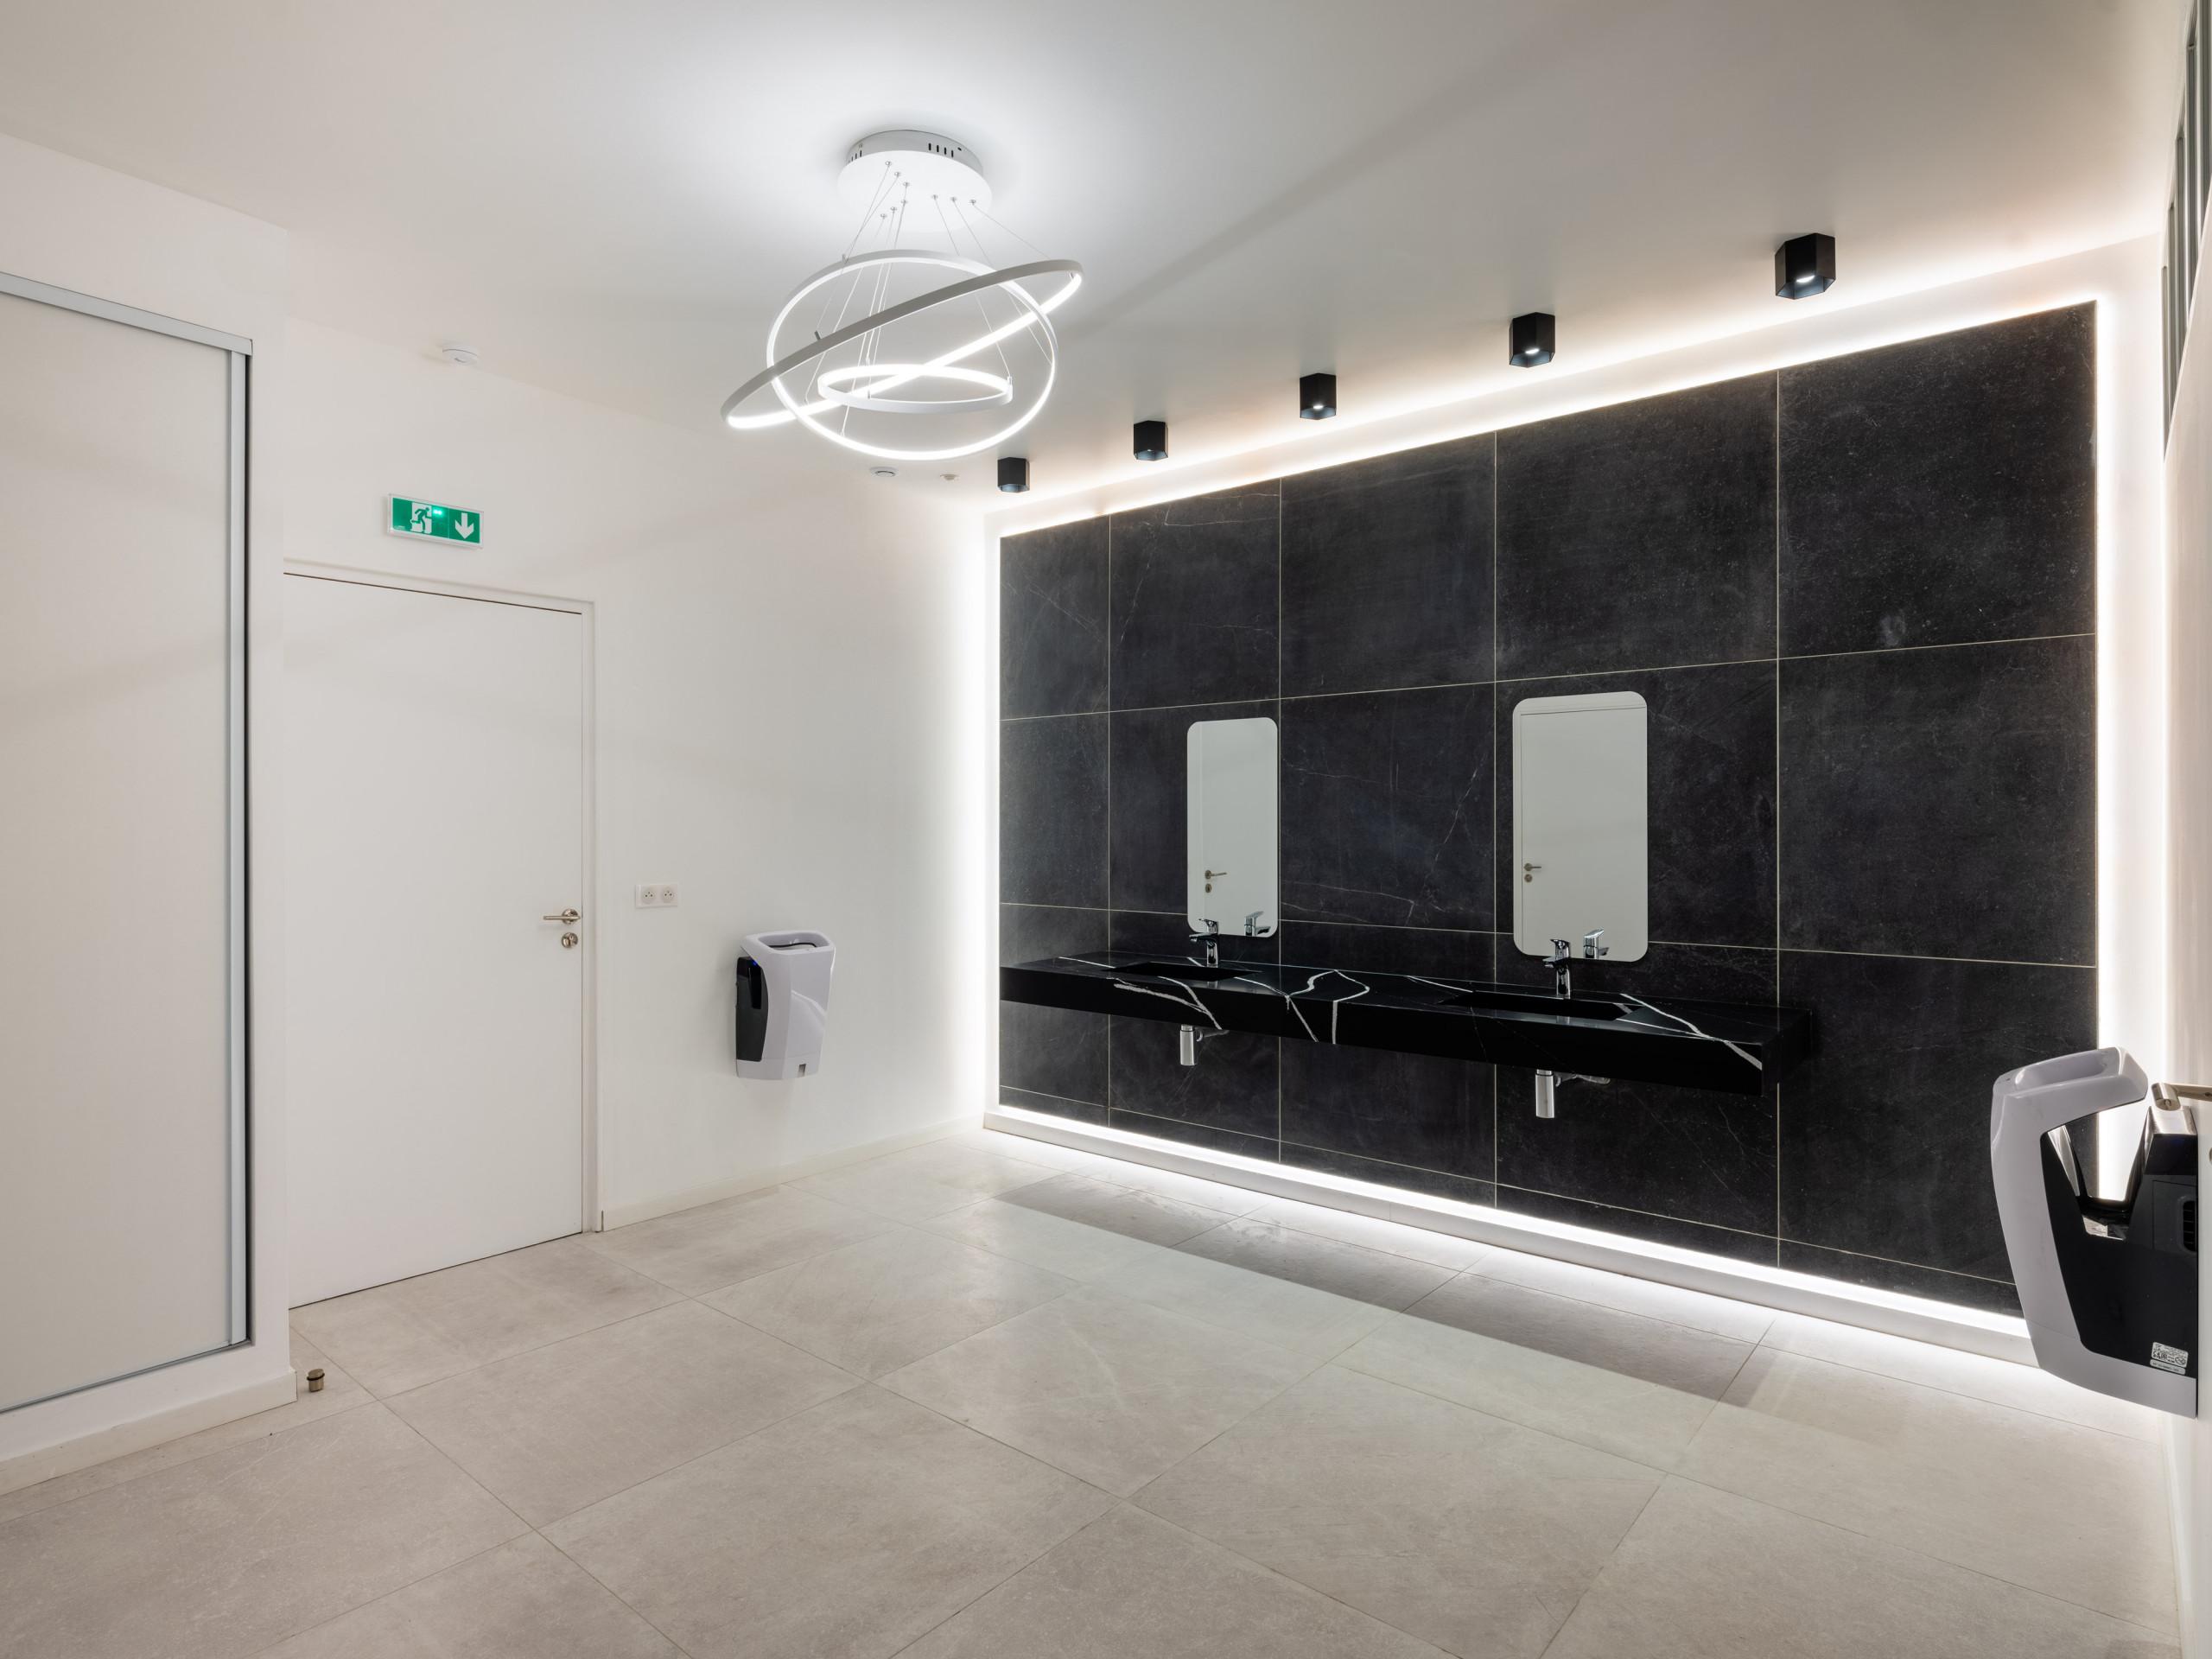 Transformation d'un bureau en sanitaires PMR